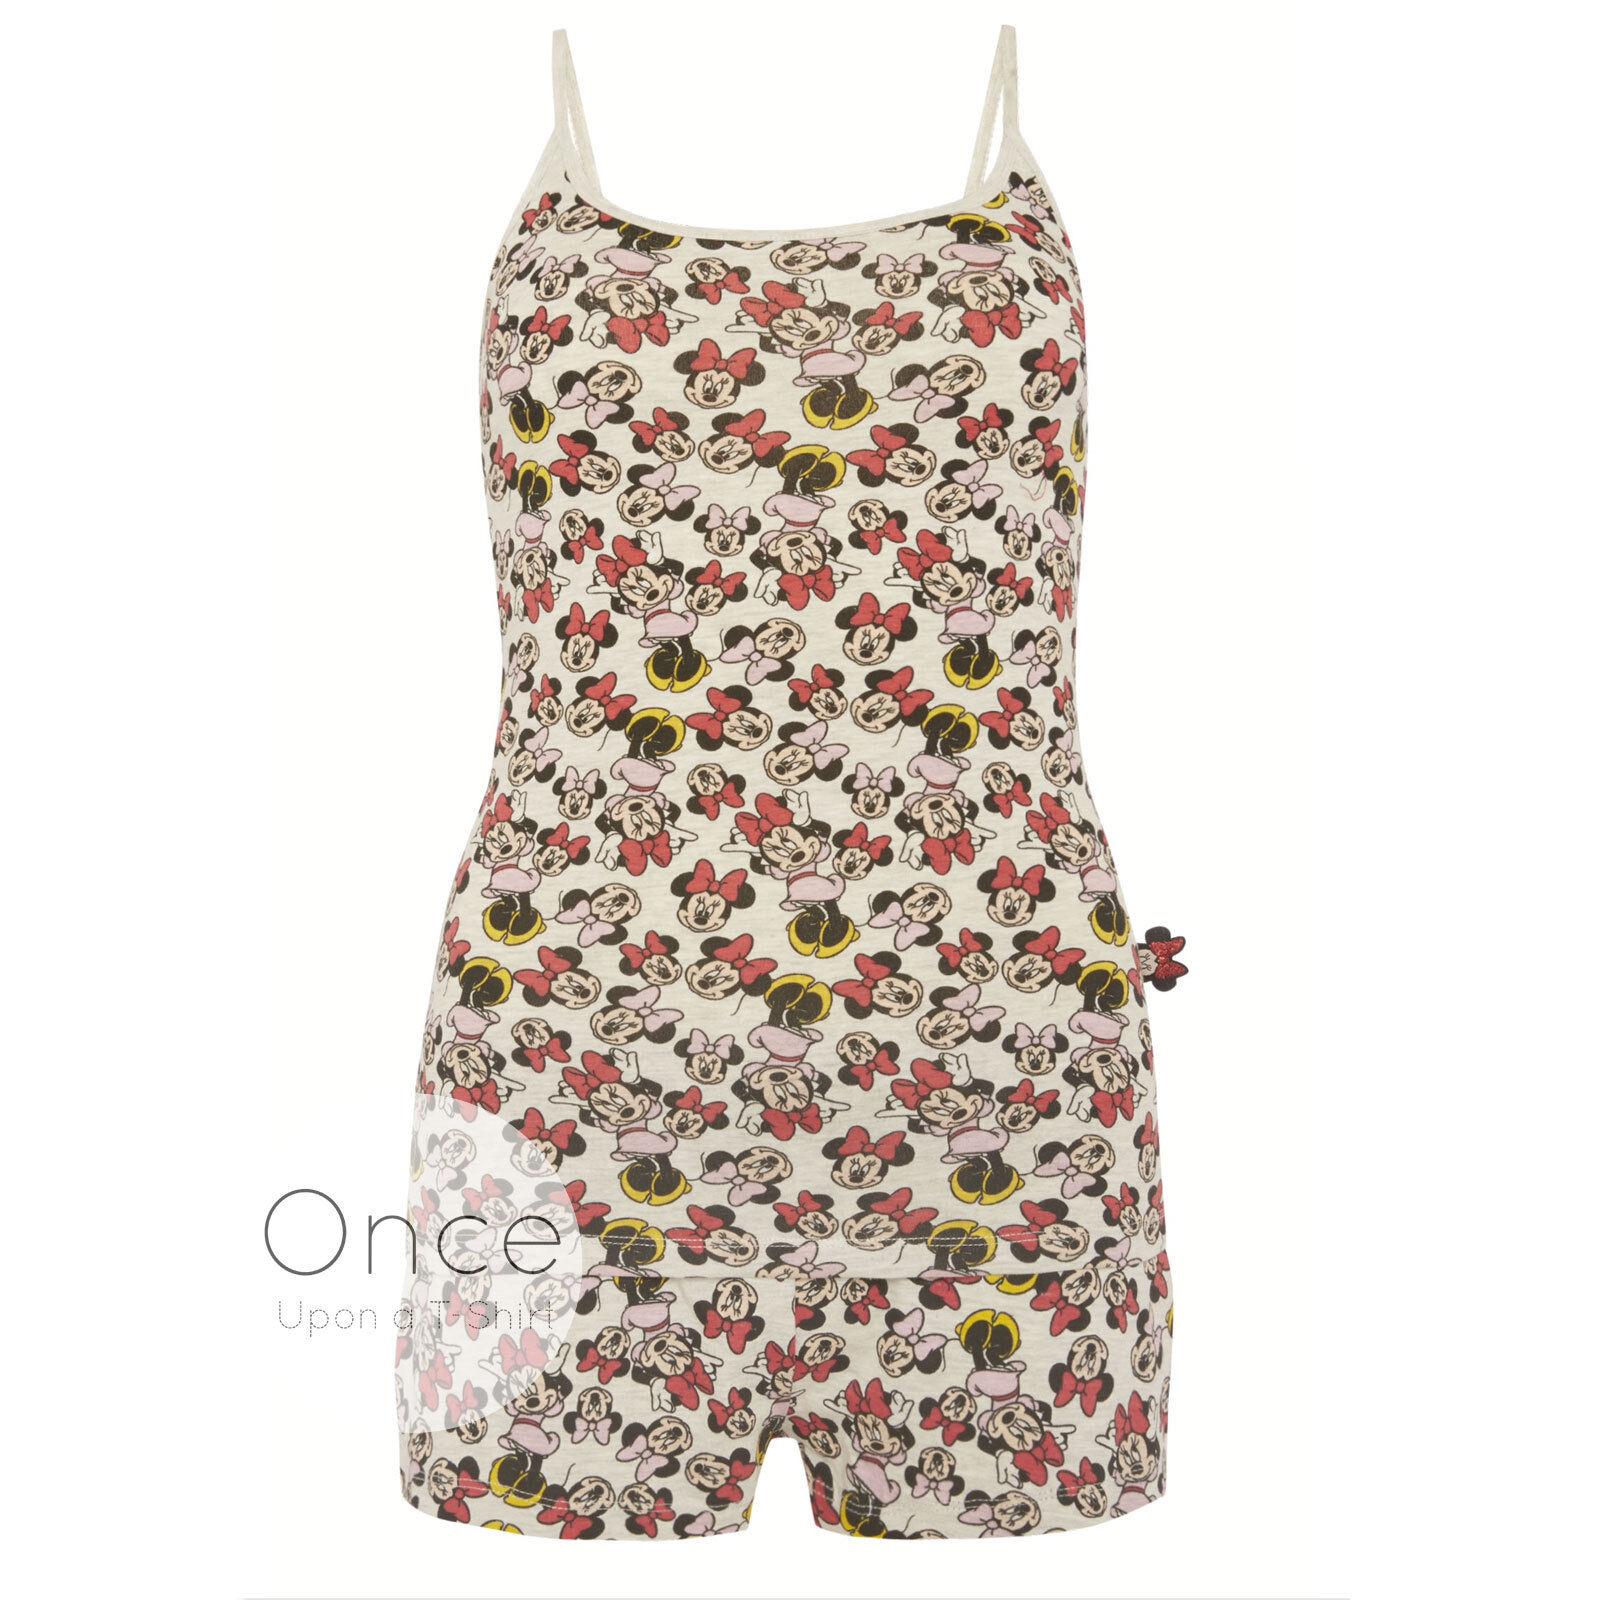 Primark ladies disney minnie mouse & débardeur & mouse short pyjamas pyjama sommeil set 1ab773